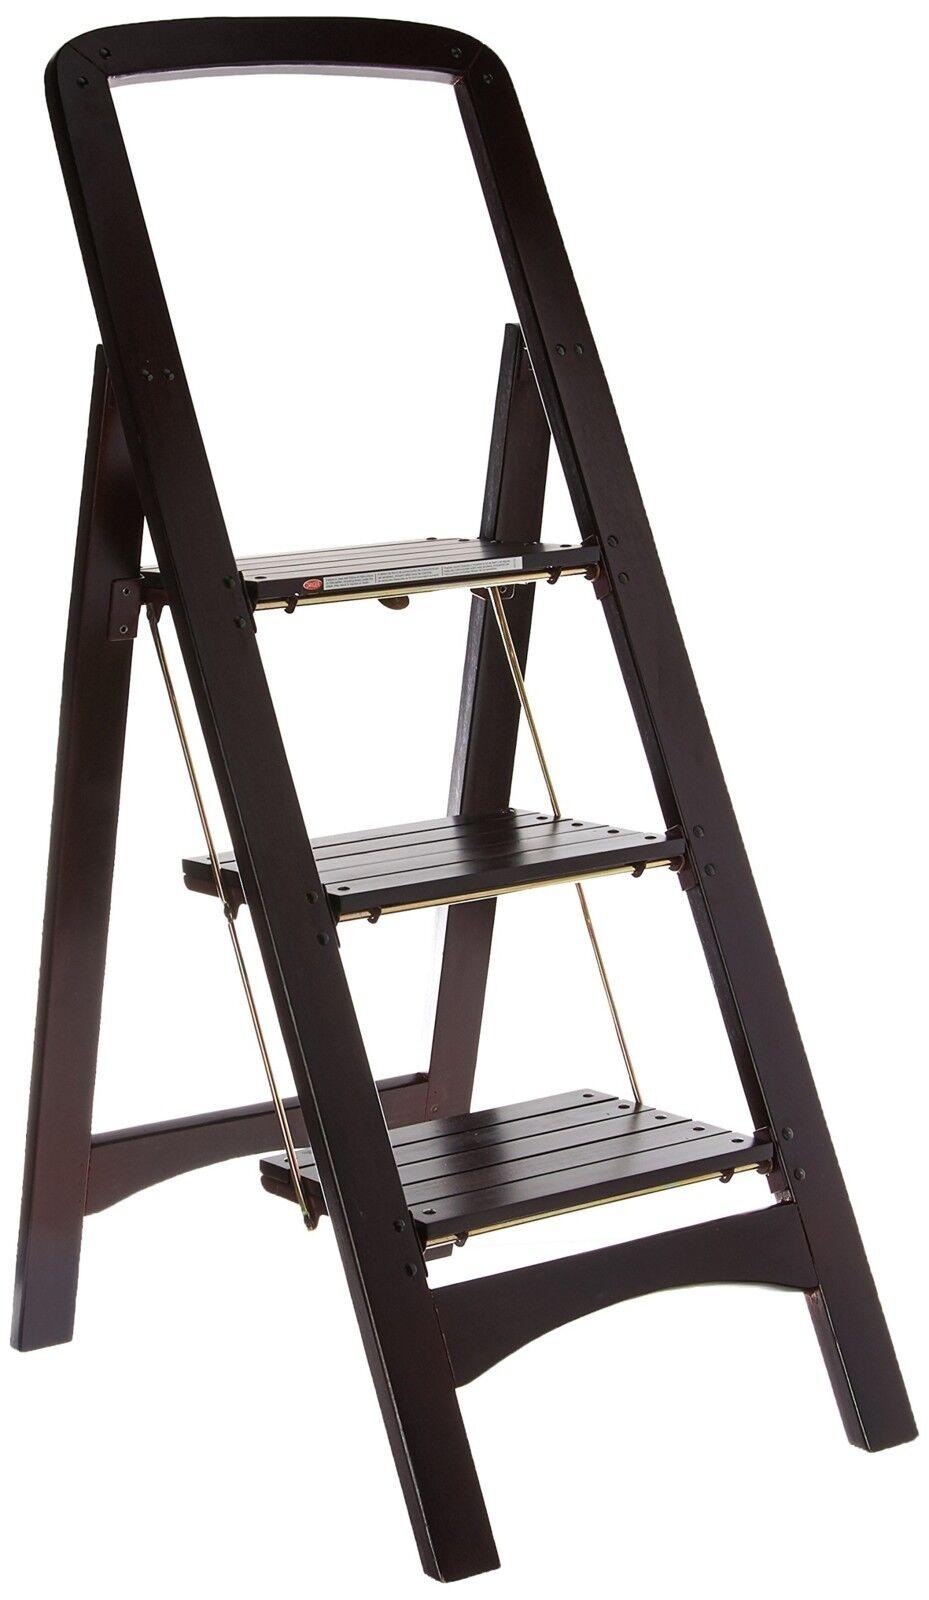 Folding 3 Step Ladder Stool Household